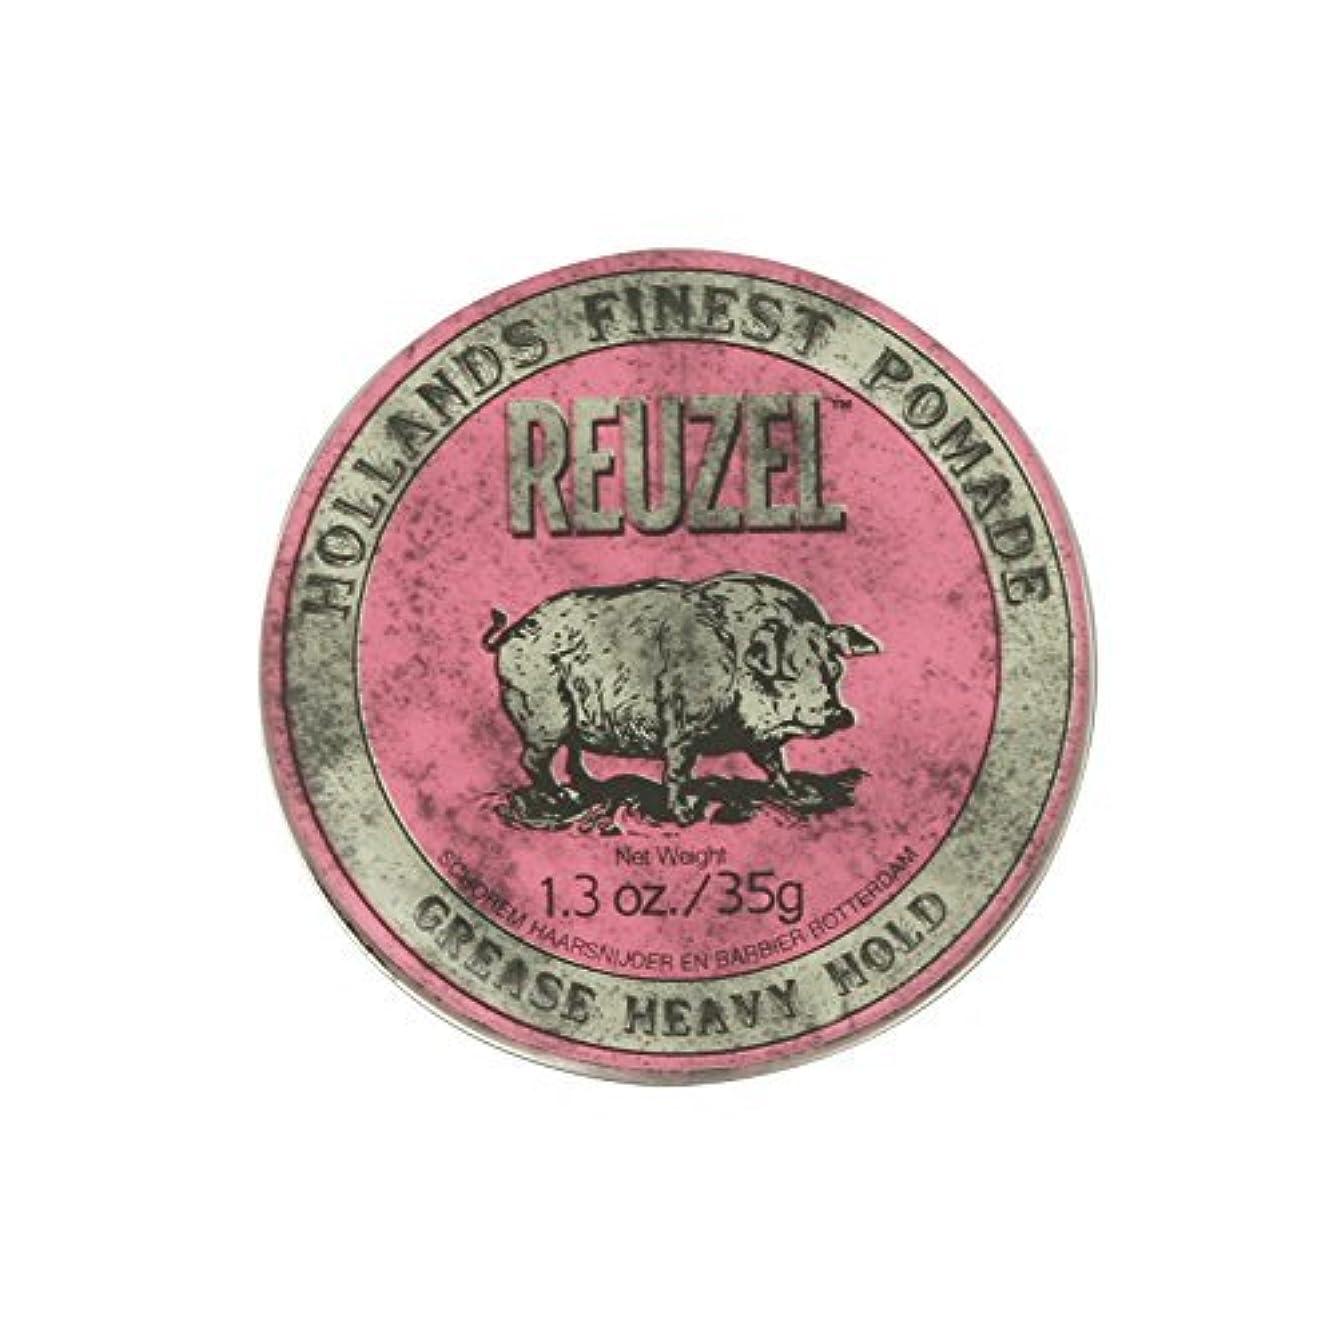 Reuzel Pink Grease Heavy Hold Pomade Piglet 1.3oz by REUZEL [並行輸入品]